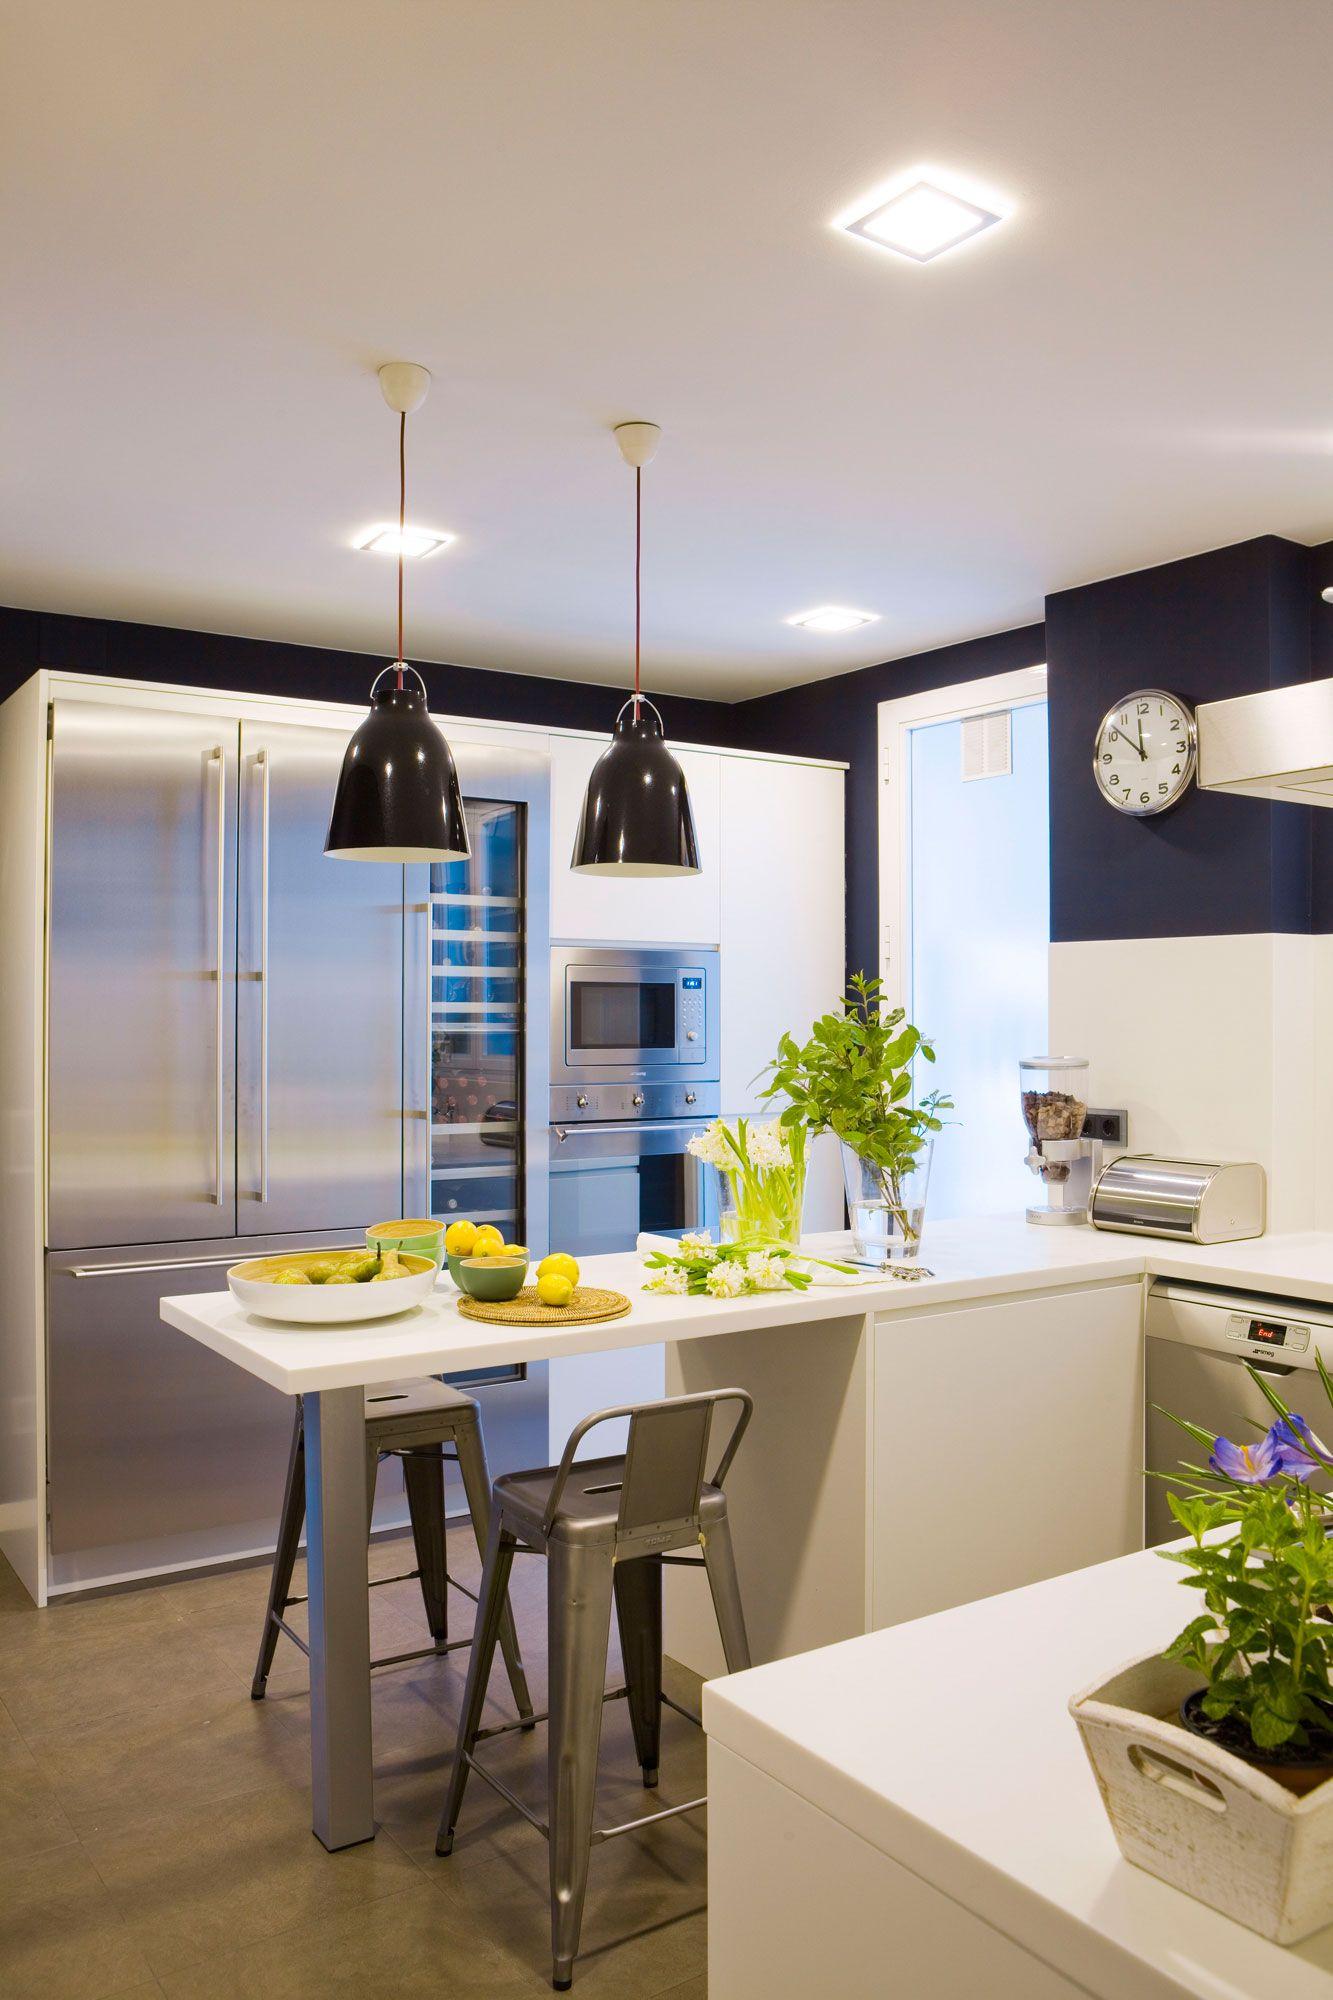 Cocina con office iluminada con focos y l mparas de techo - Focos para cocina ...